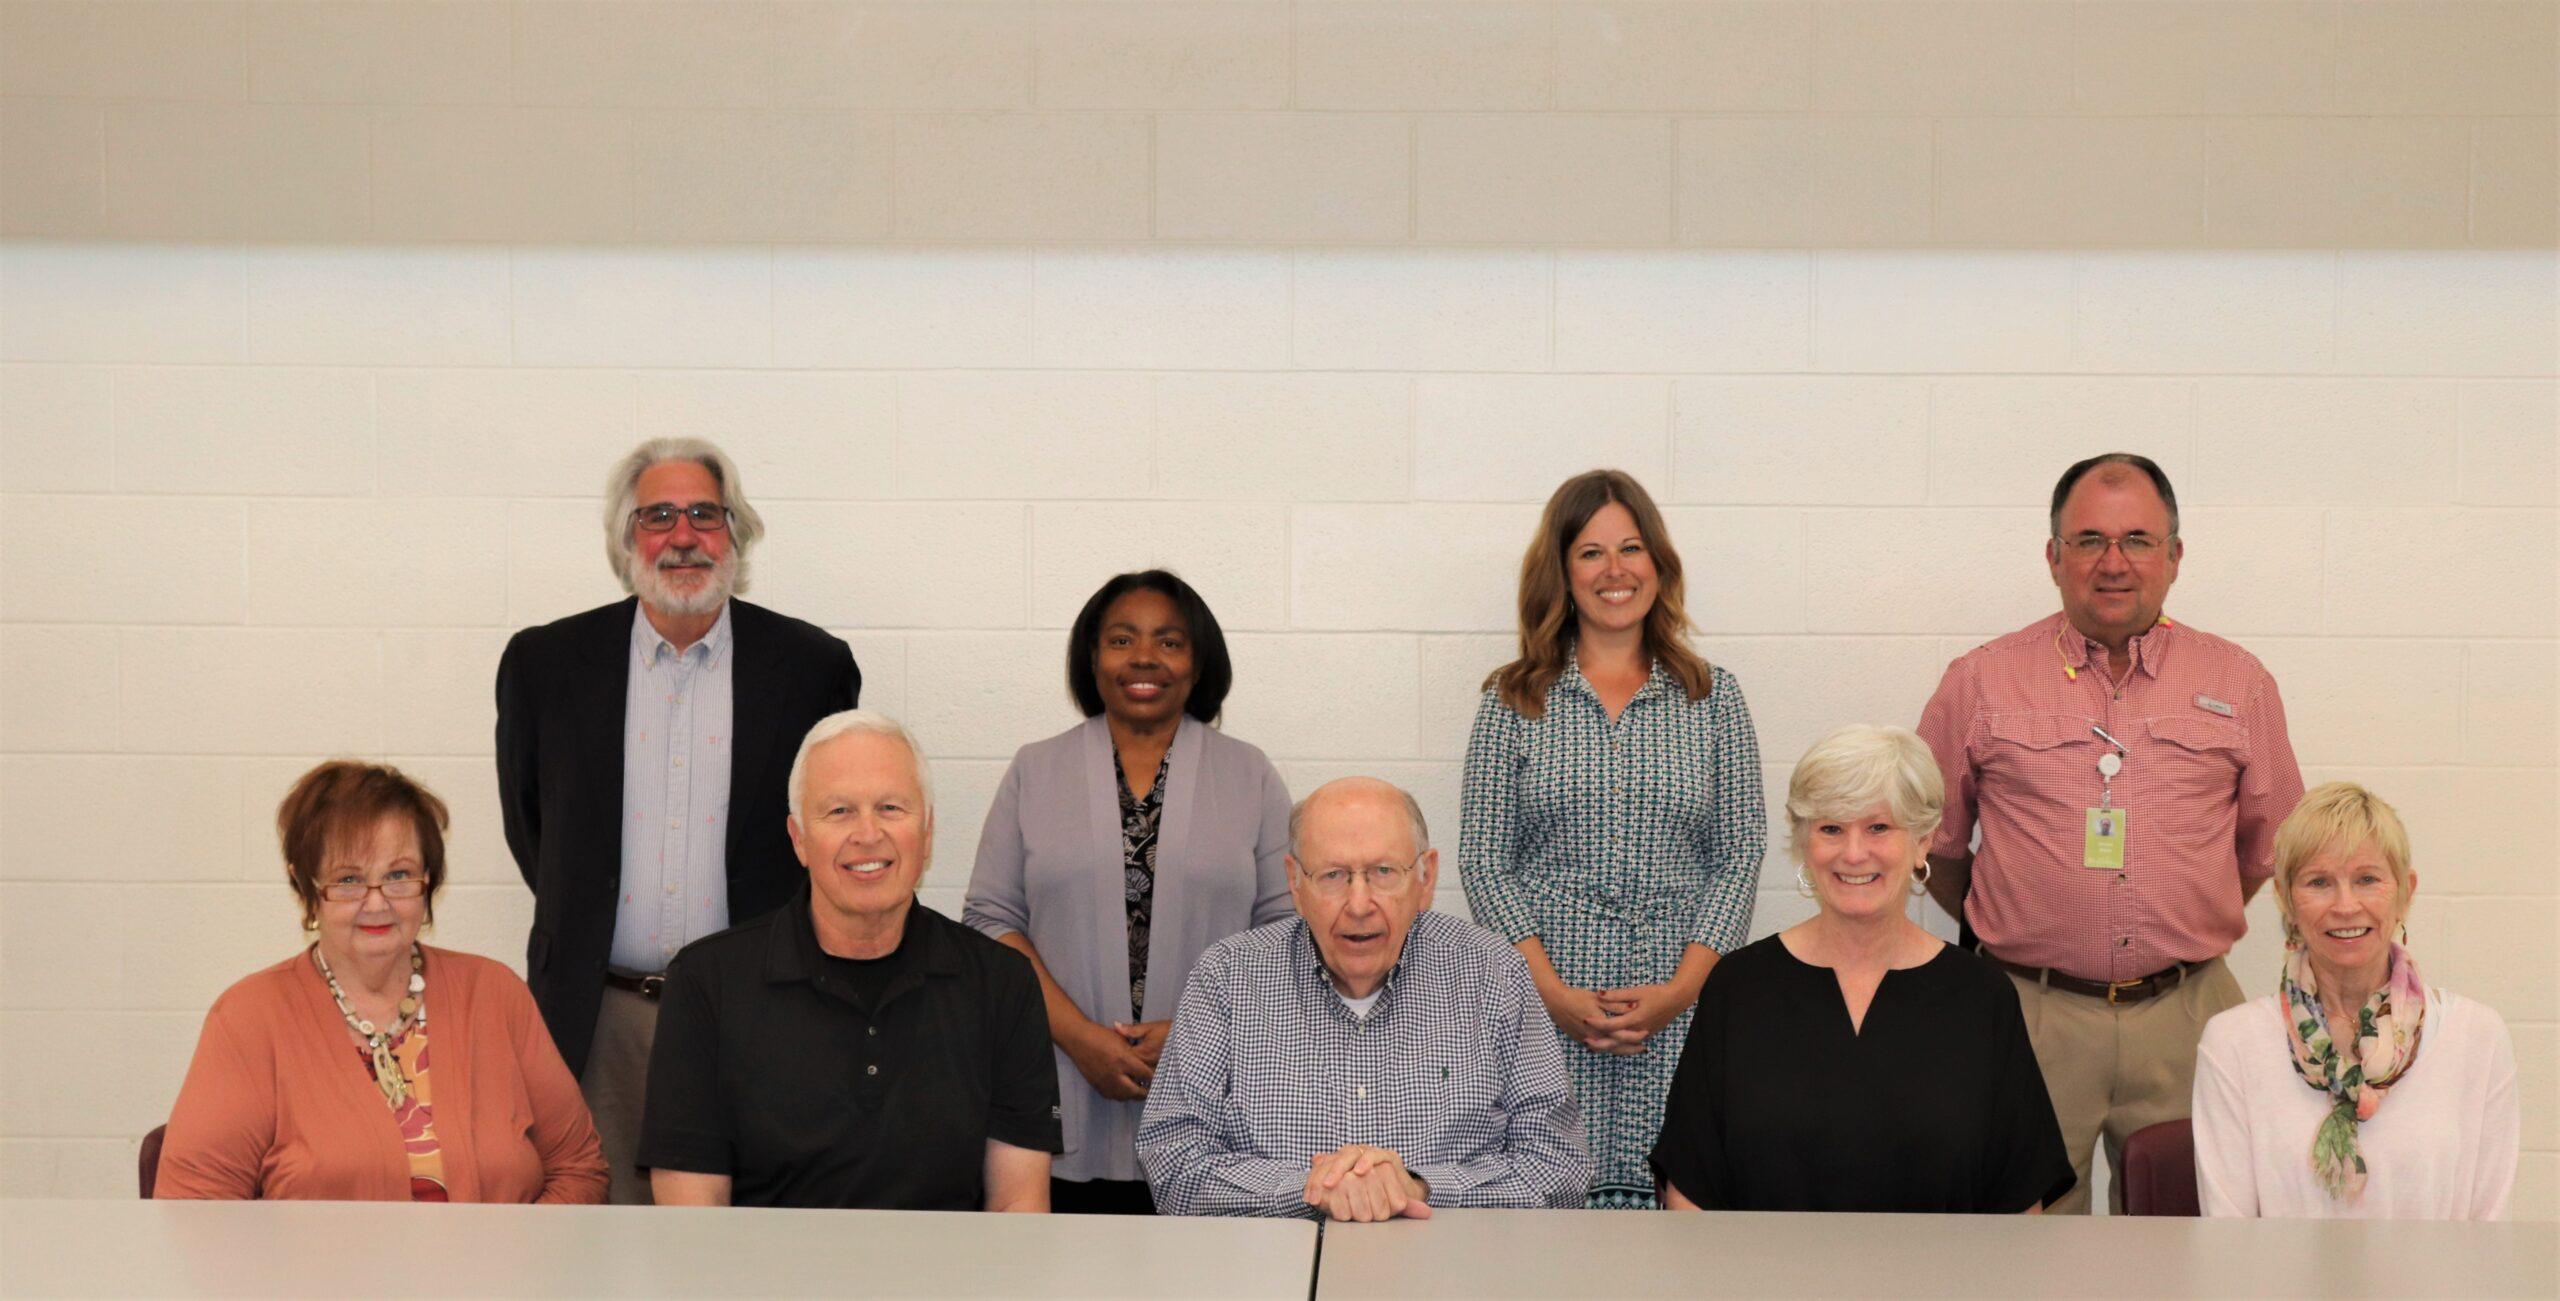 New-Ventures-Board-of-Directors